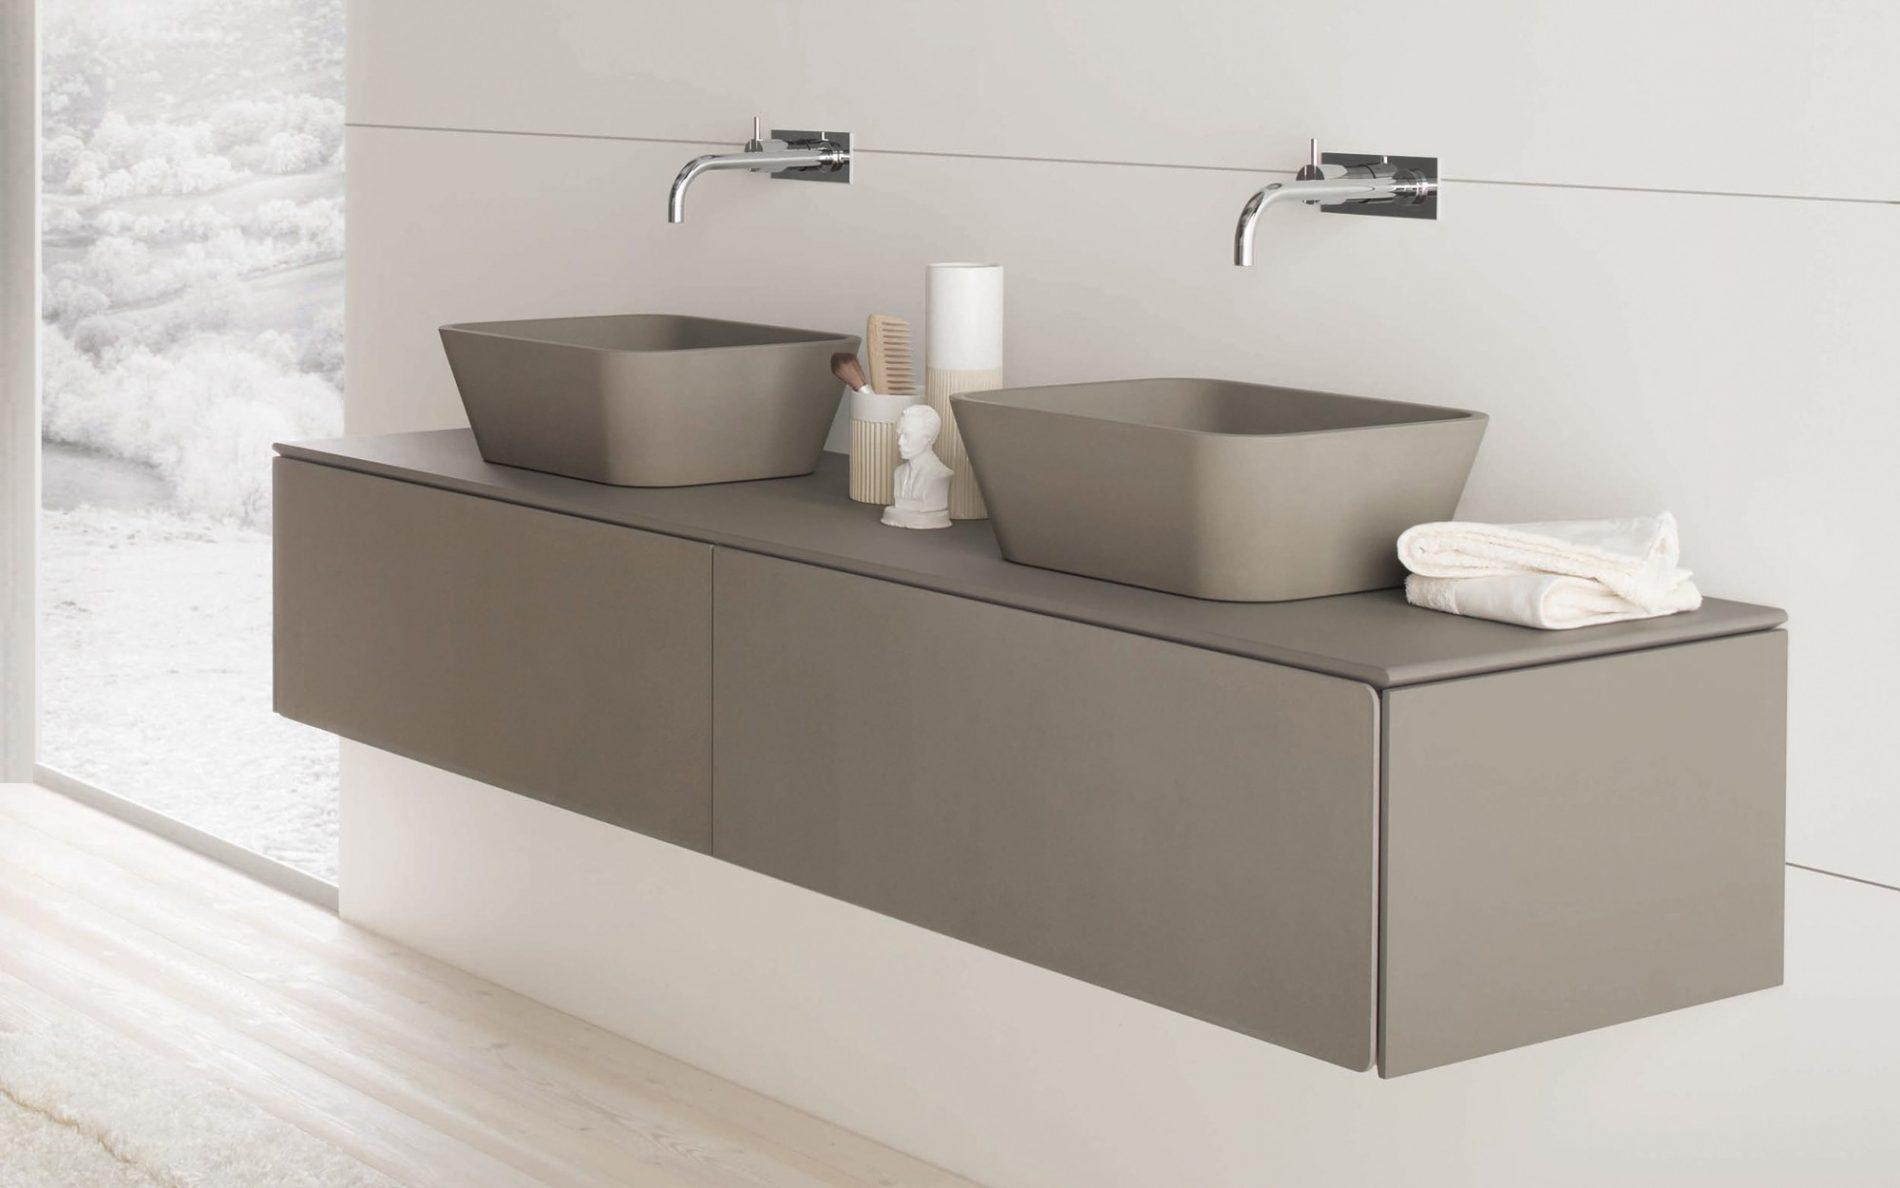 ארונות אמבטיה מעוצבים דגם קסטלו